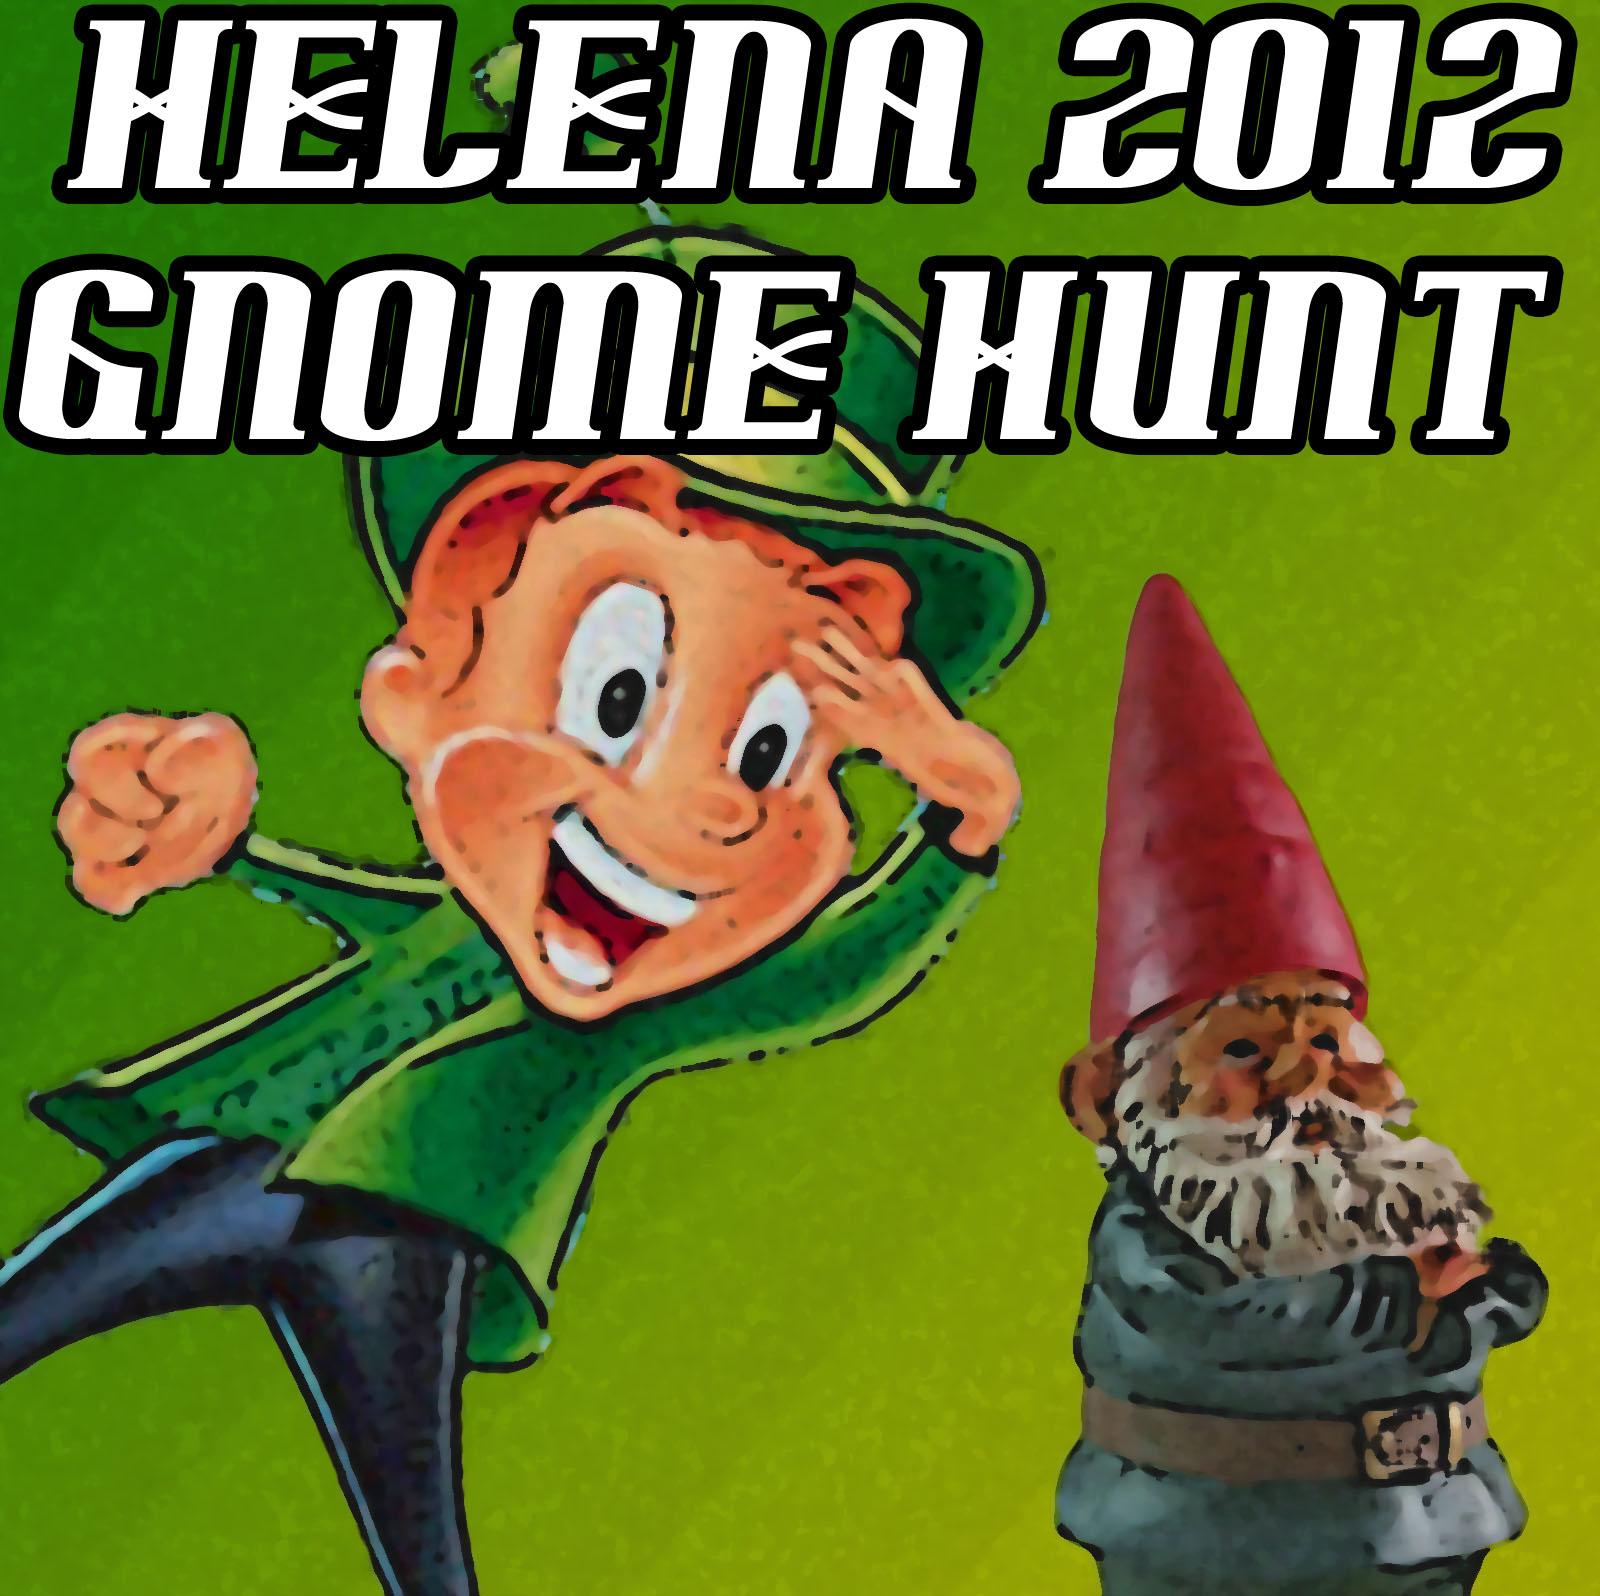 http://4.bp.blogspot.com/-w1vkLzjImjM/T2KbRNz09XI/AAAAAAAAIC0/qA4JNfaDU4w/s1600/Helena+Gnome+Hunt+St+Patrick+2012.JPG